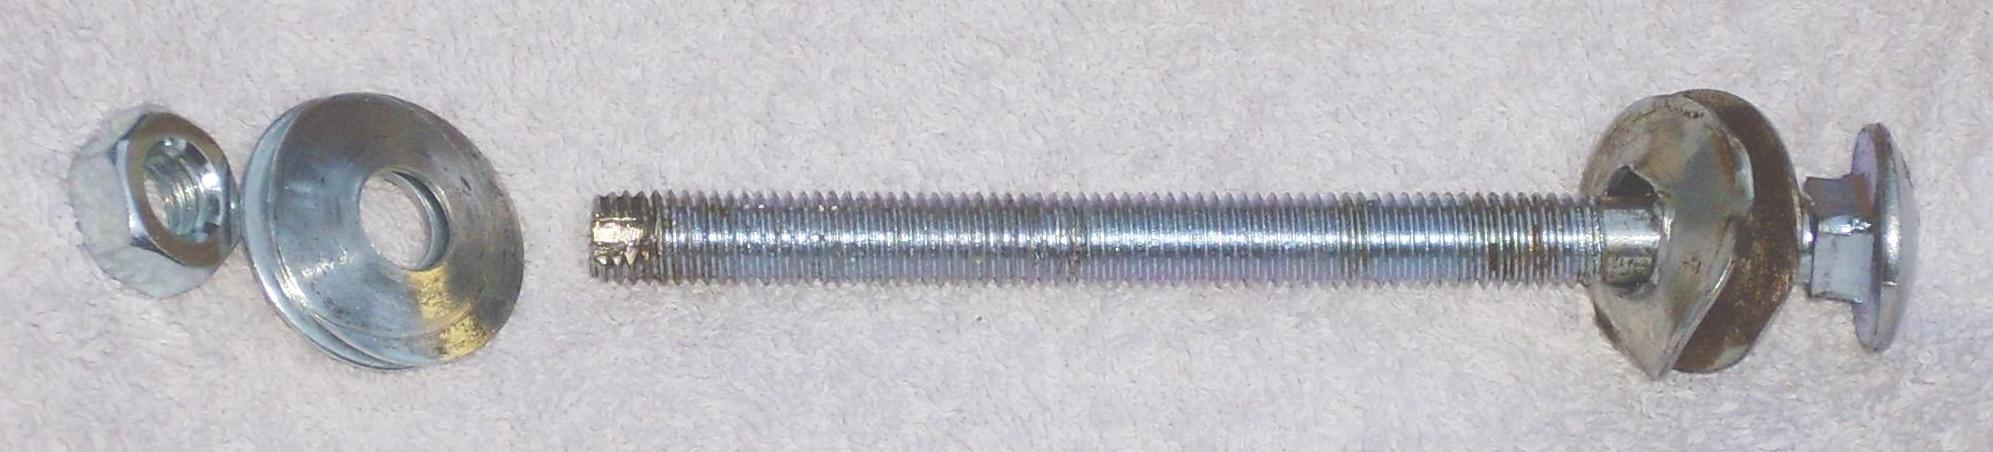 Bearing Puller Parts : File bearing puller metal parts g diywiki